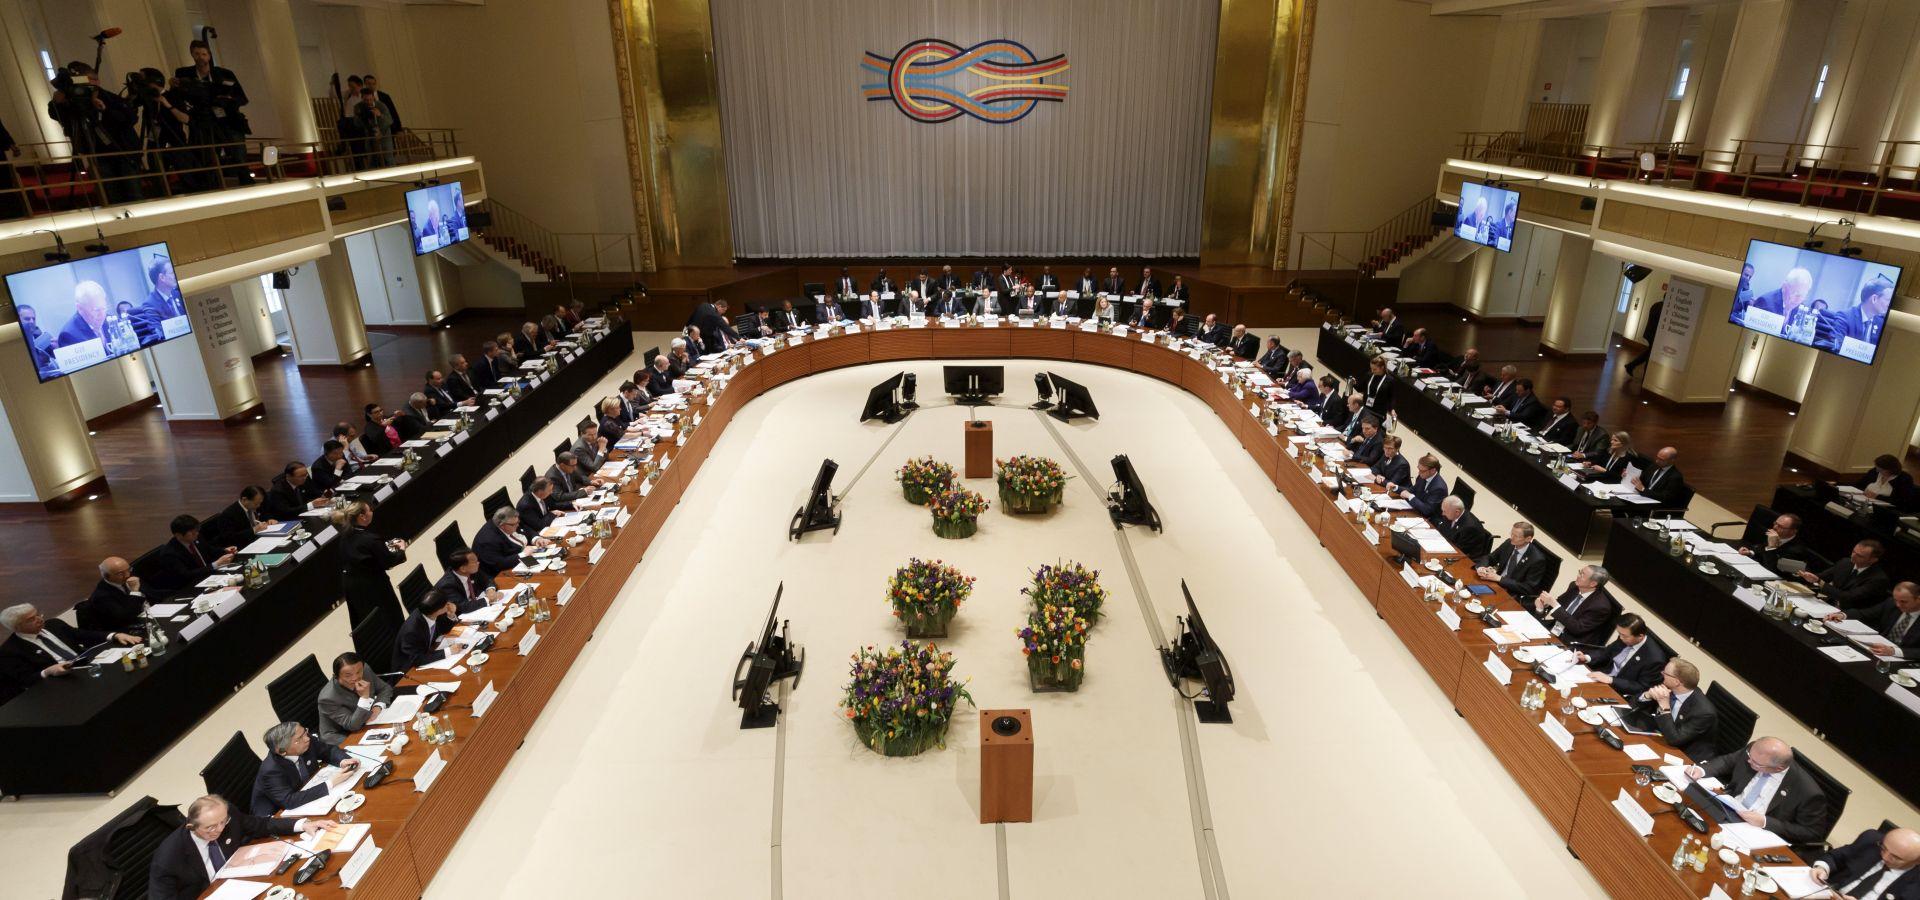 Ministri financija G20 boje se da će napetosti smanjiti rast